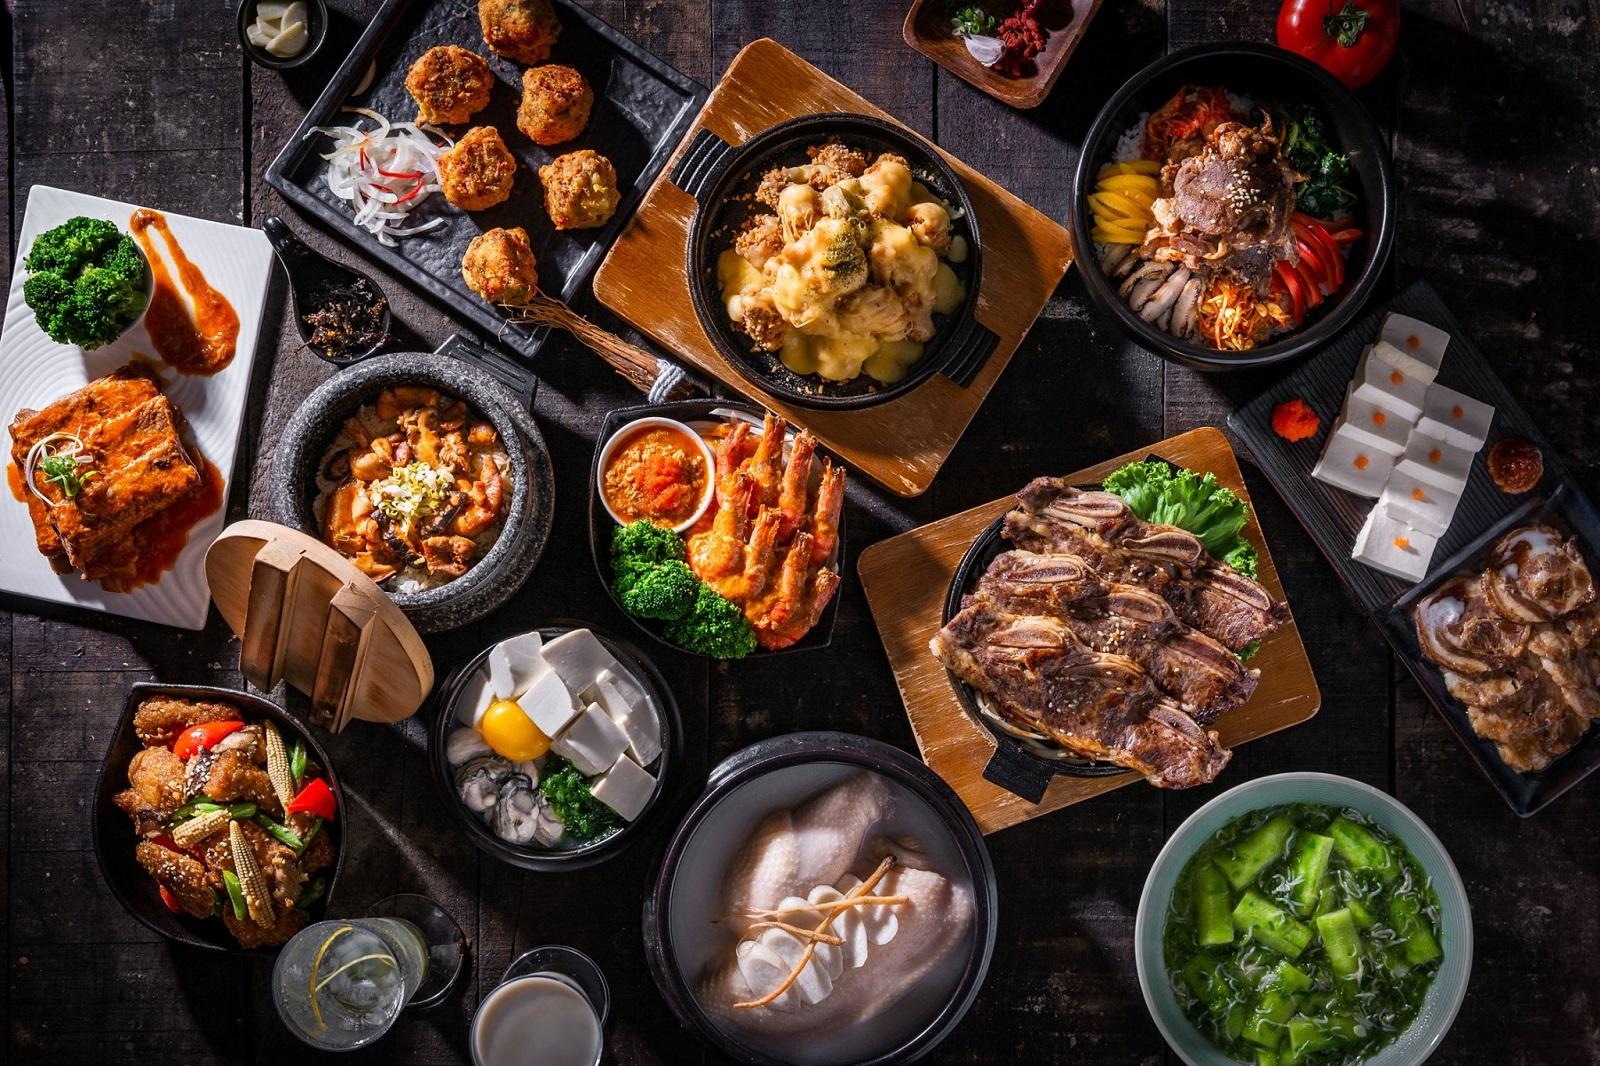 「豆府」力拚年底前開首家泰式料理 持續擴張餐飲版圖 可能基於這4個考量